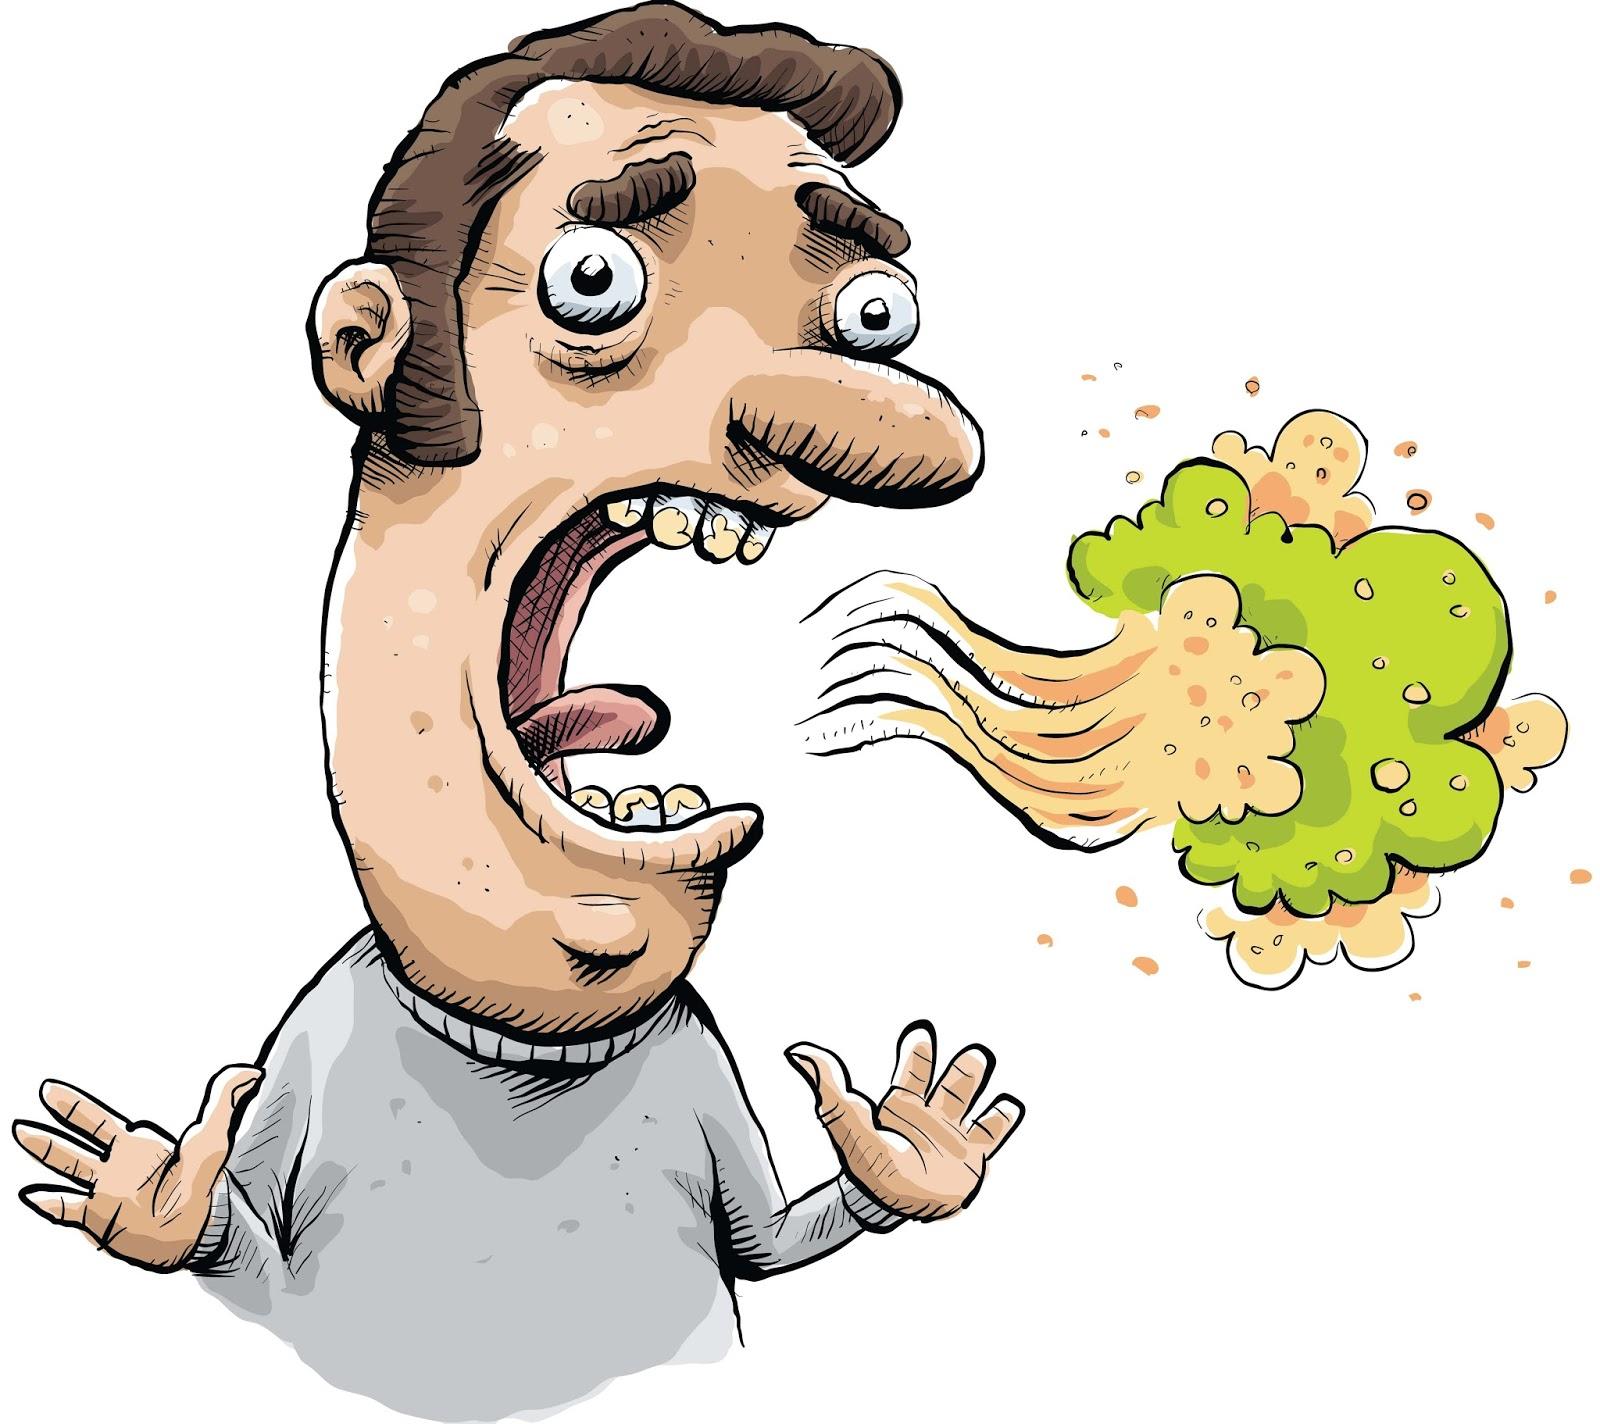 bau mulut gejala diabetes